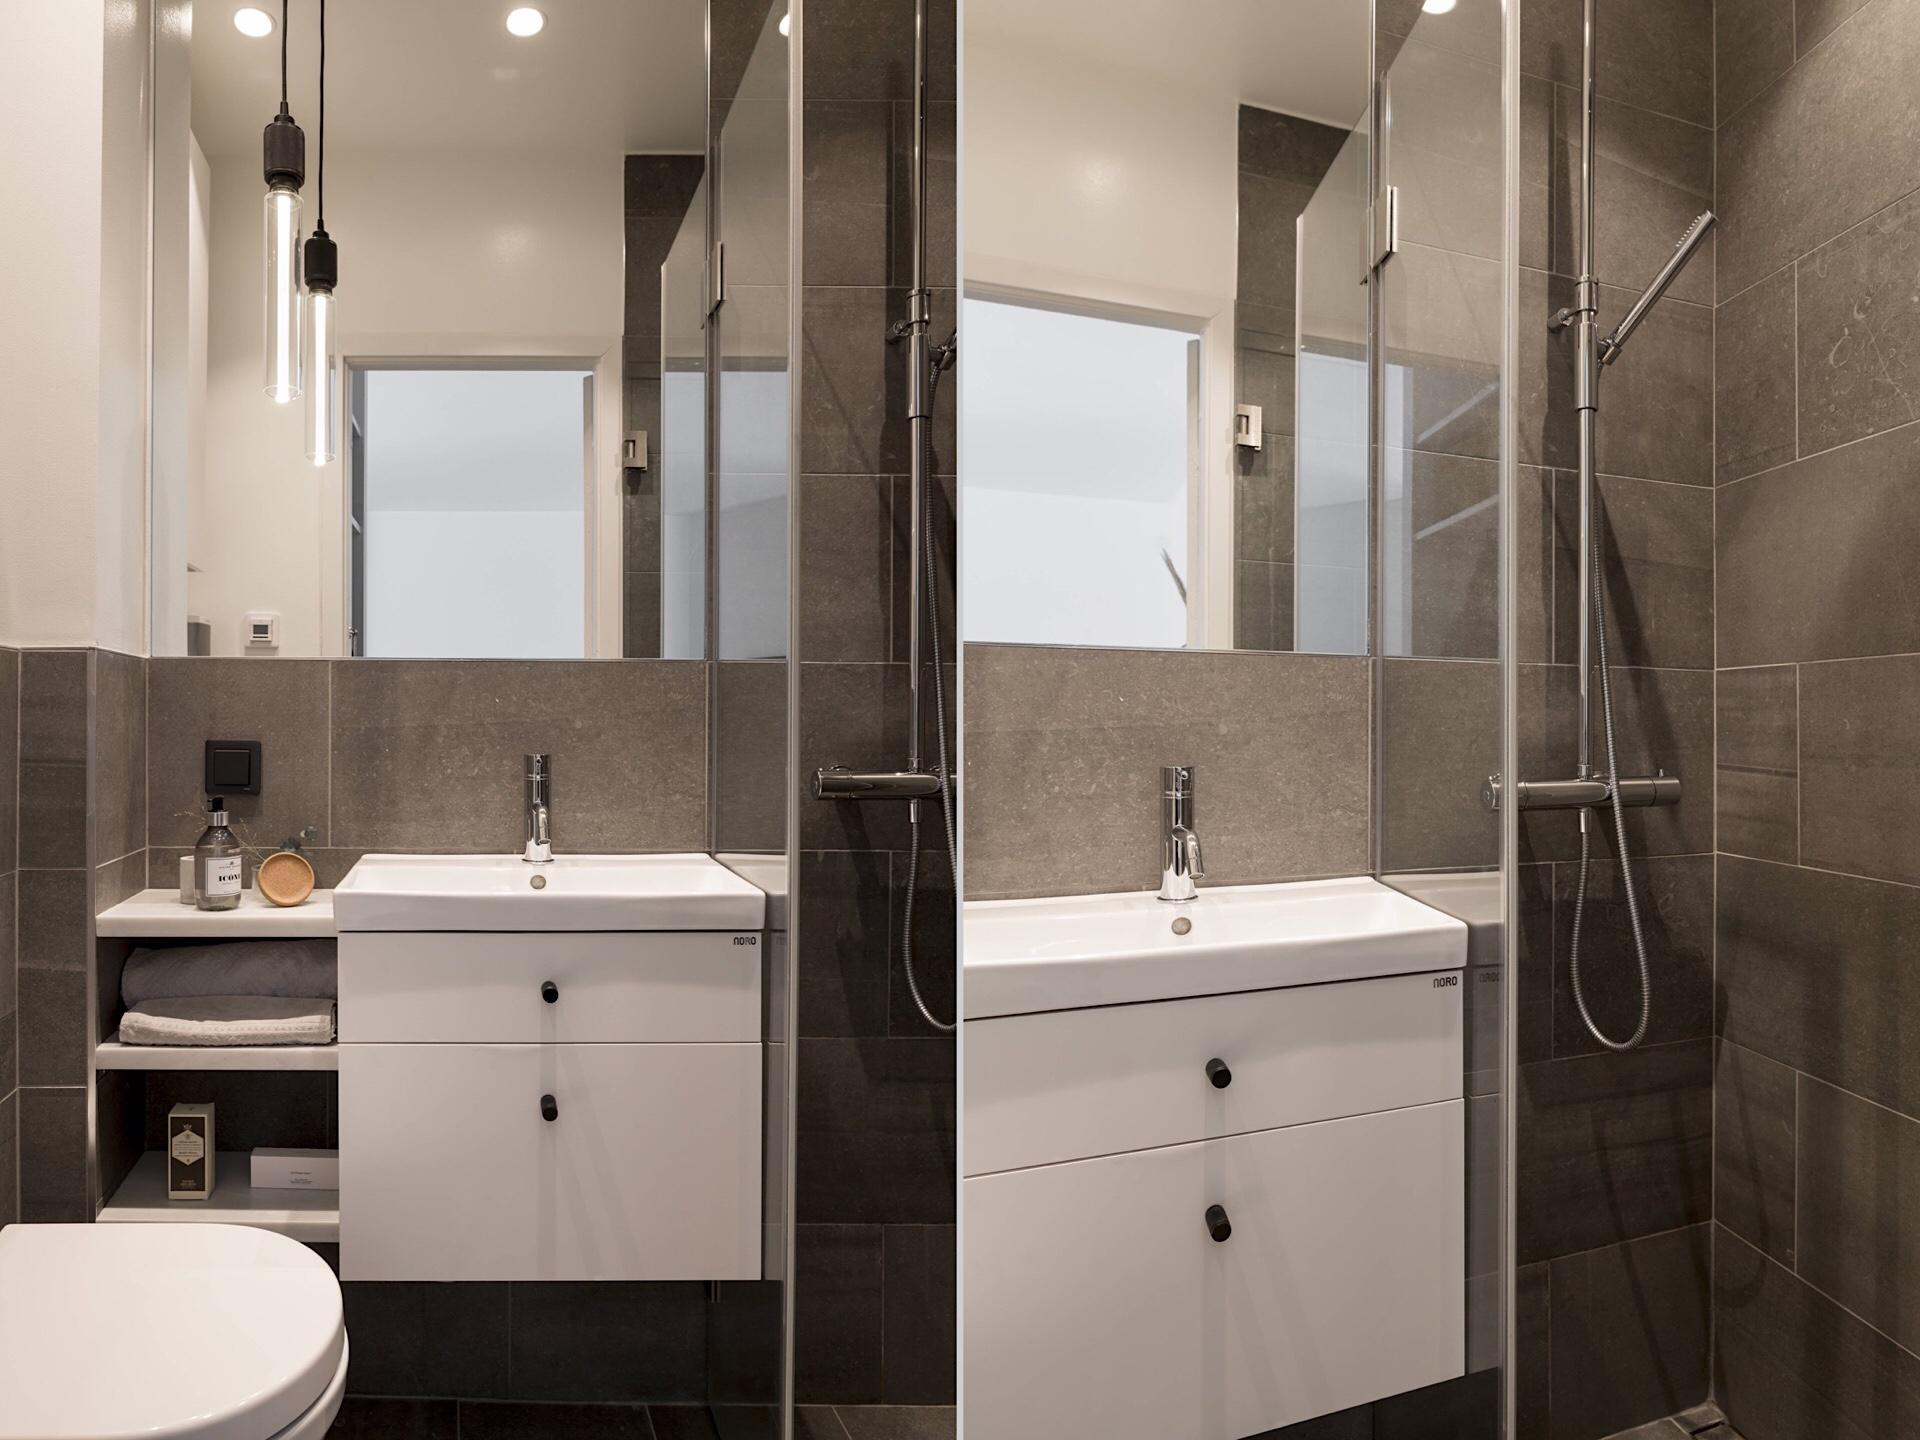 Uși de sticlă între living și dormitor într o garsonieră de 49 m² din Suedia 23